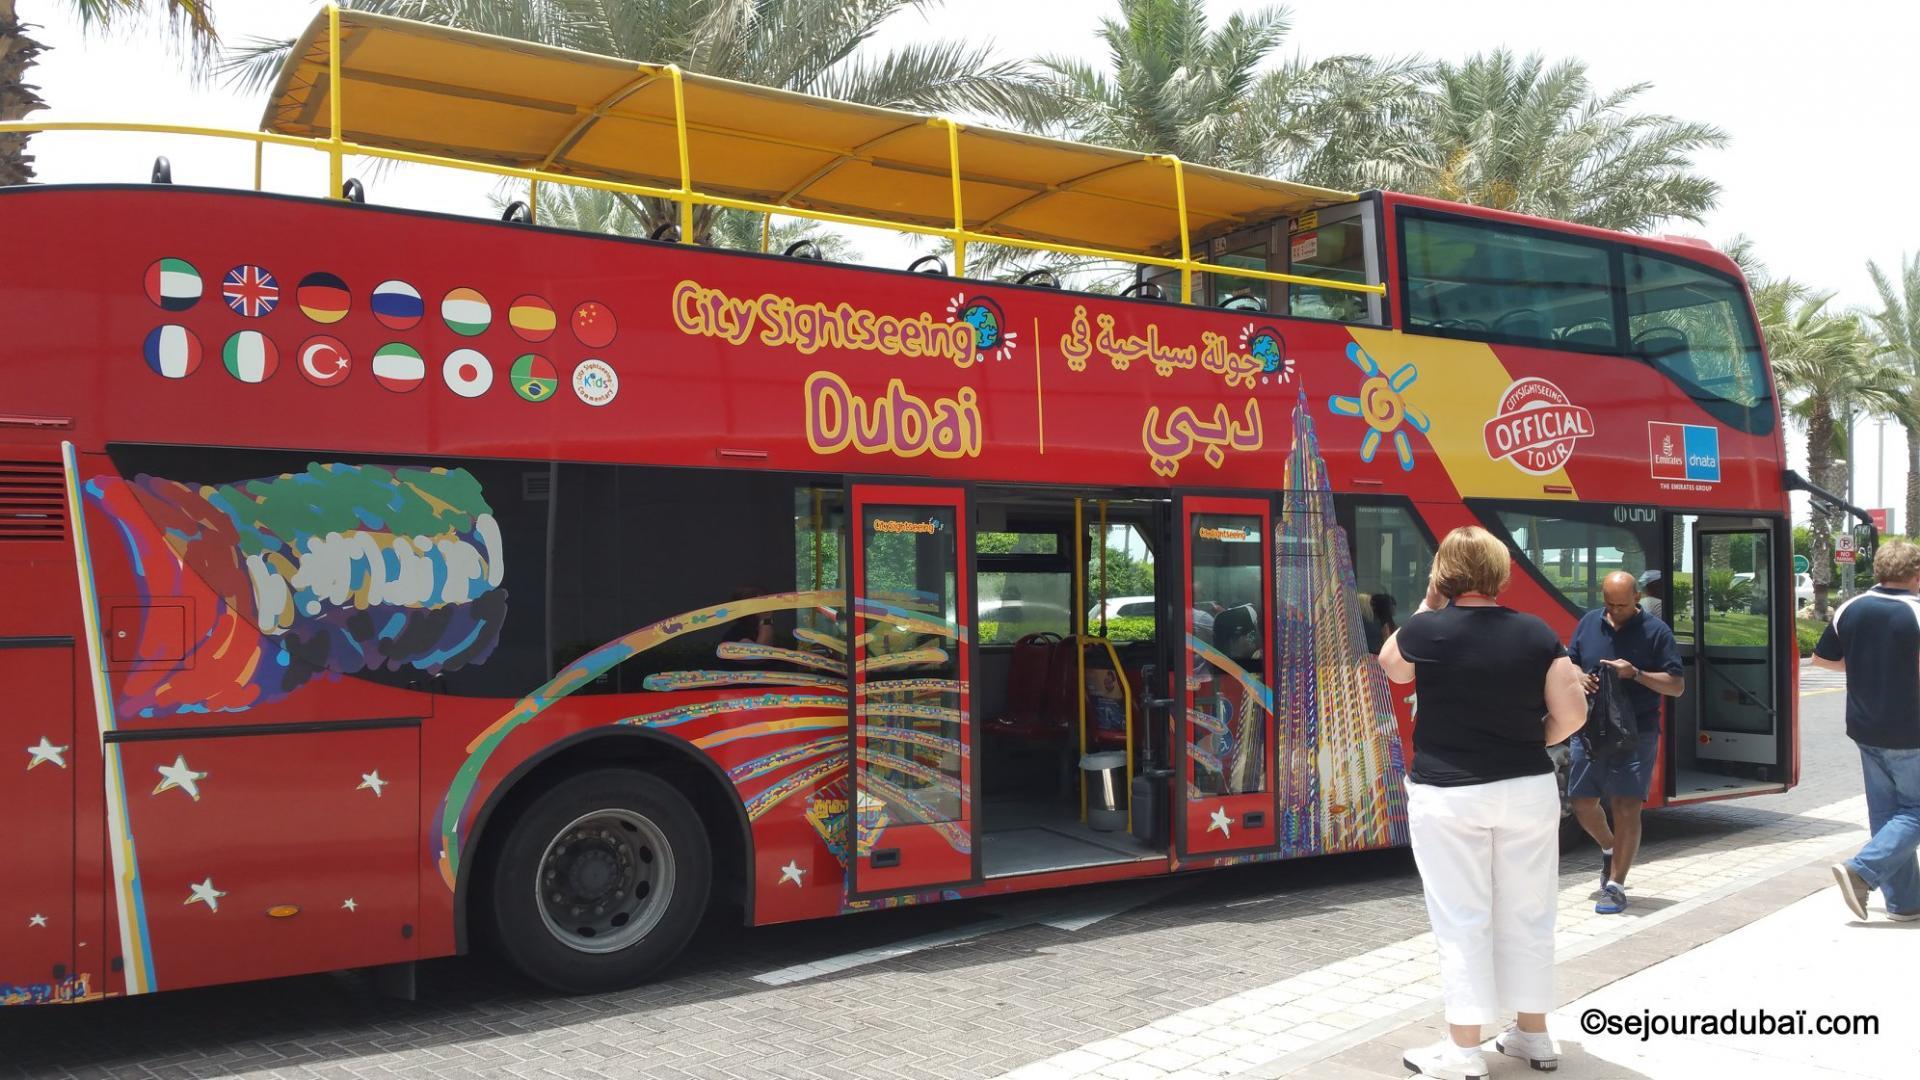 Dubaï City Sightseeing Tour : Visite touristique en Bus à arrêts multiples